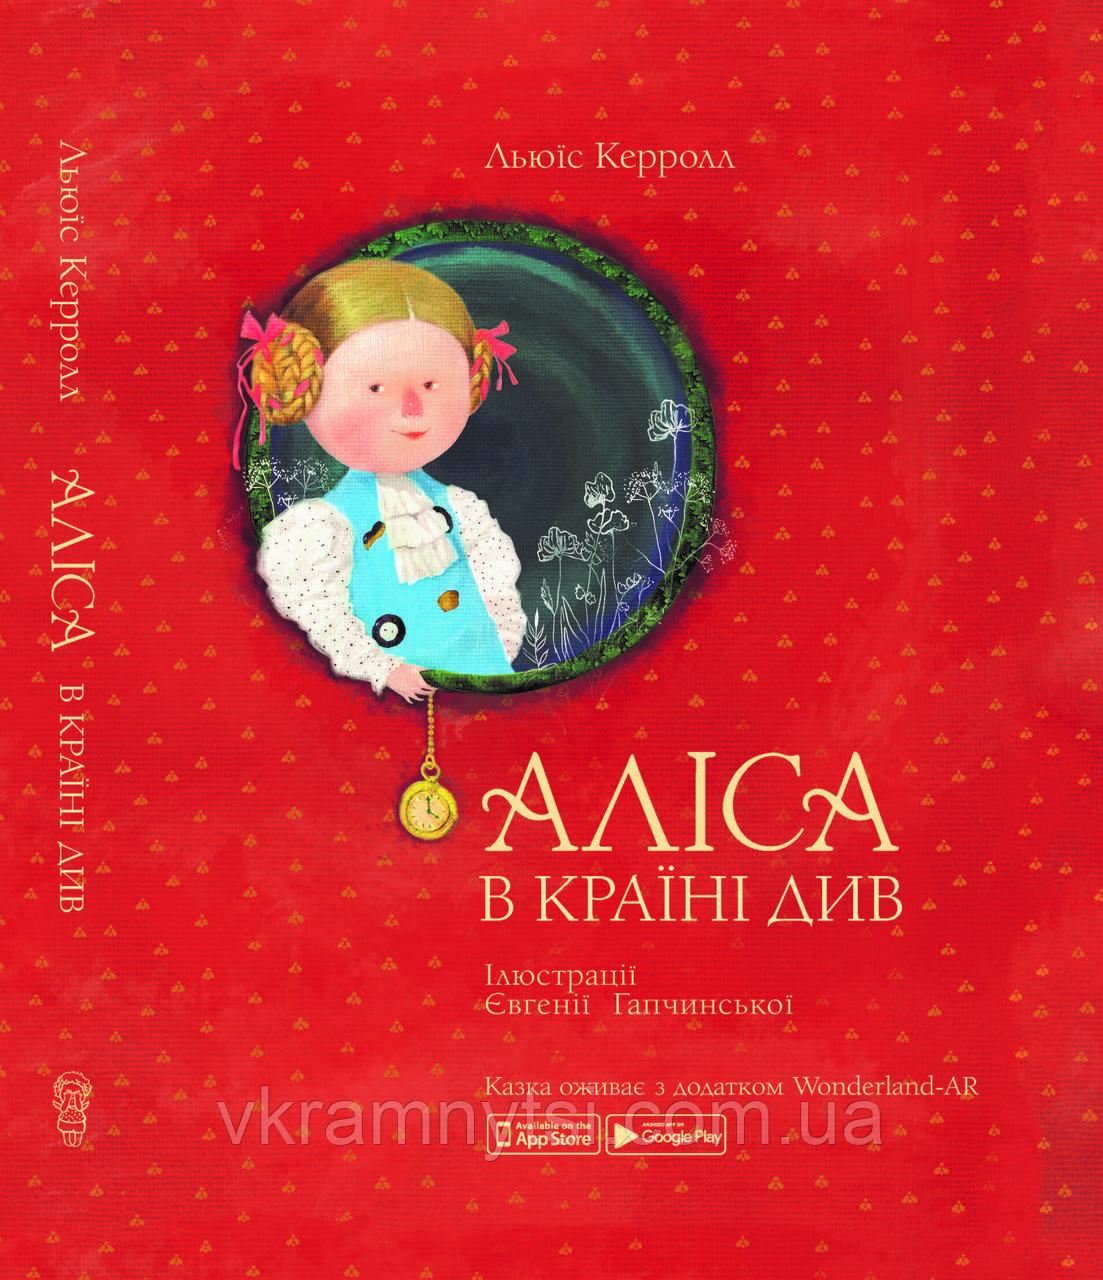 Аліса в Країні Див. Ілюстрації Євгенії Гапчинської